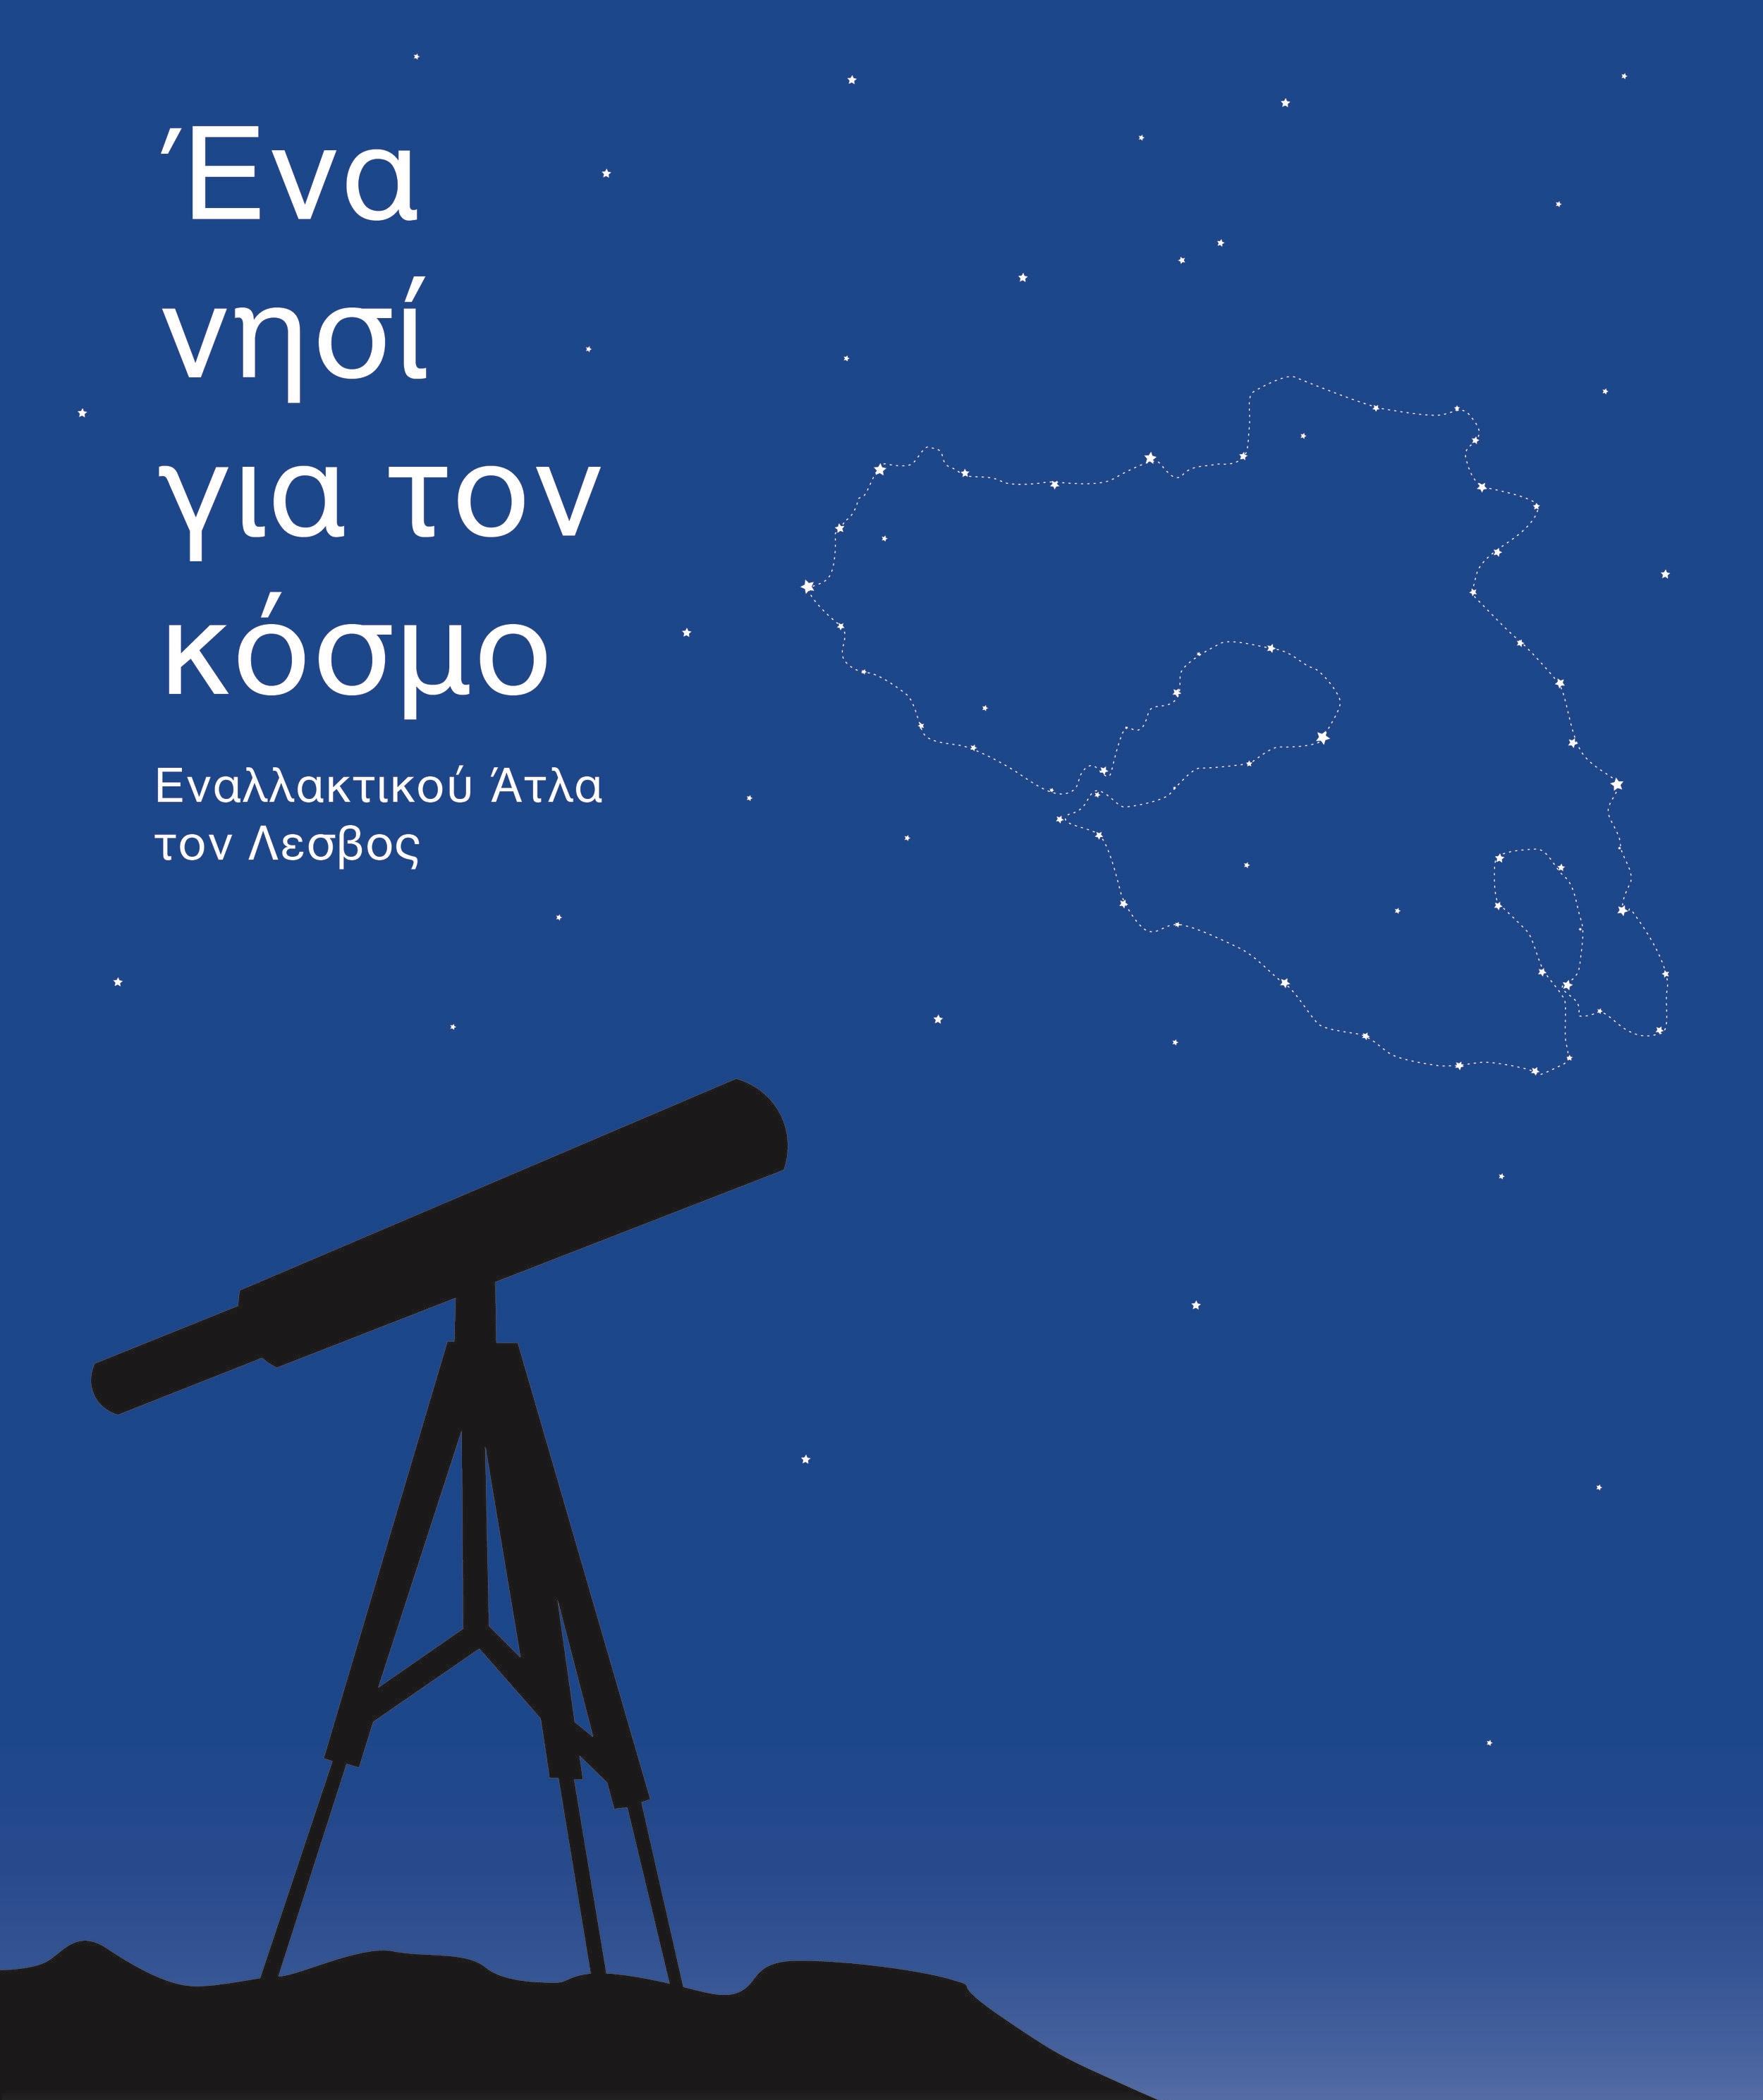 atlas+cover+poster-01.jpg